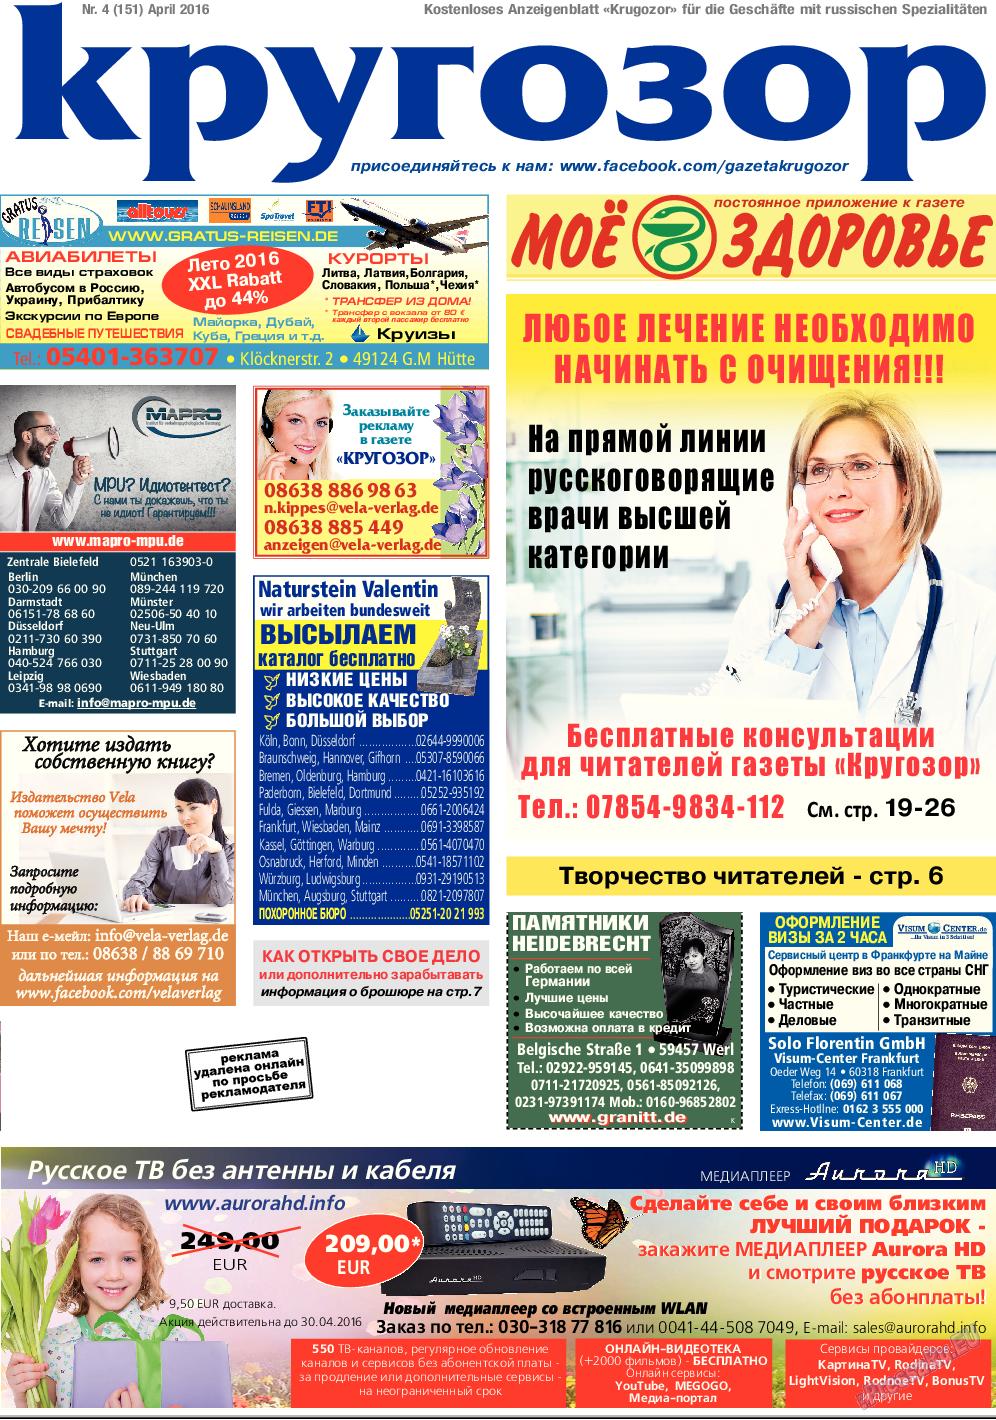 Кругозор (газета). 2016 год, номер 4, стр. 1